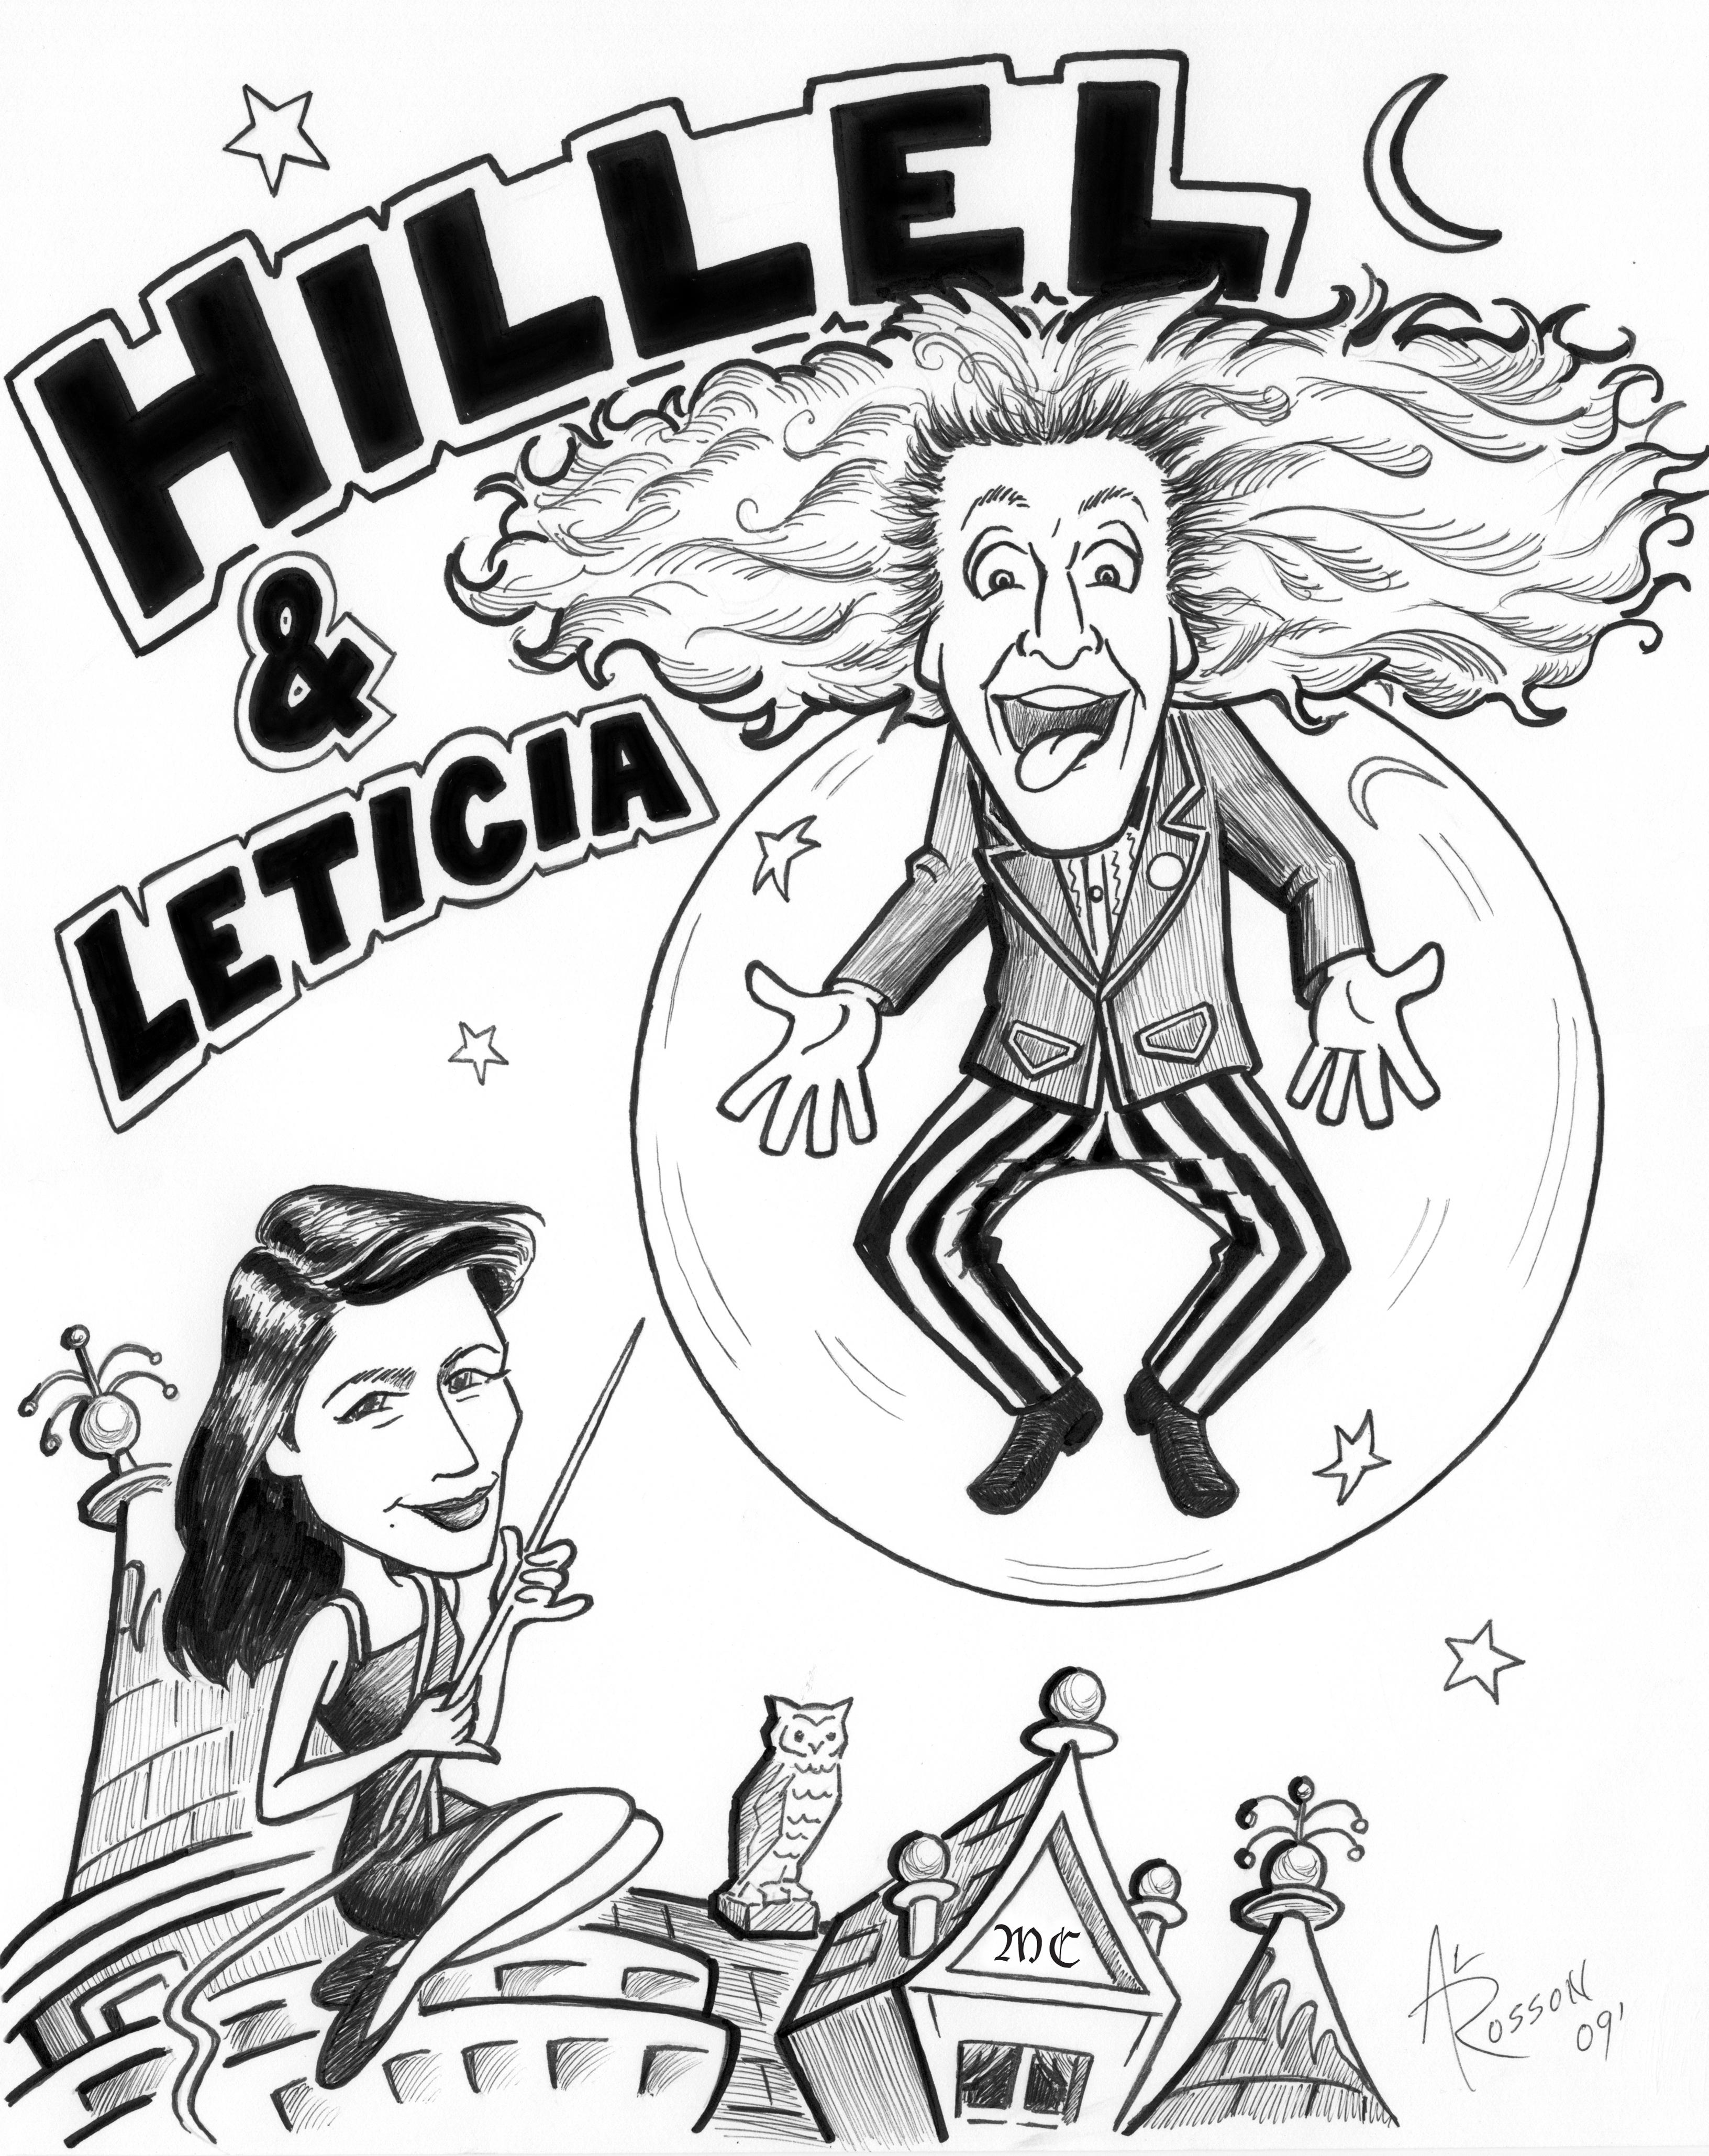 Hillel & Leticia MC